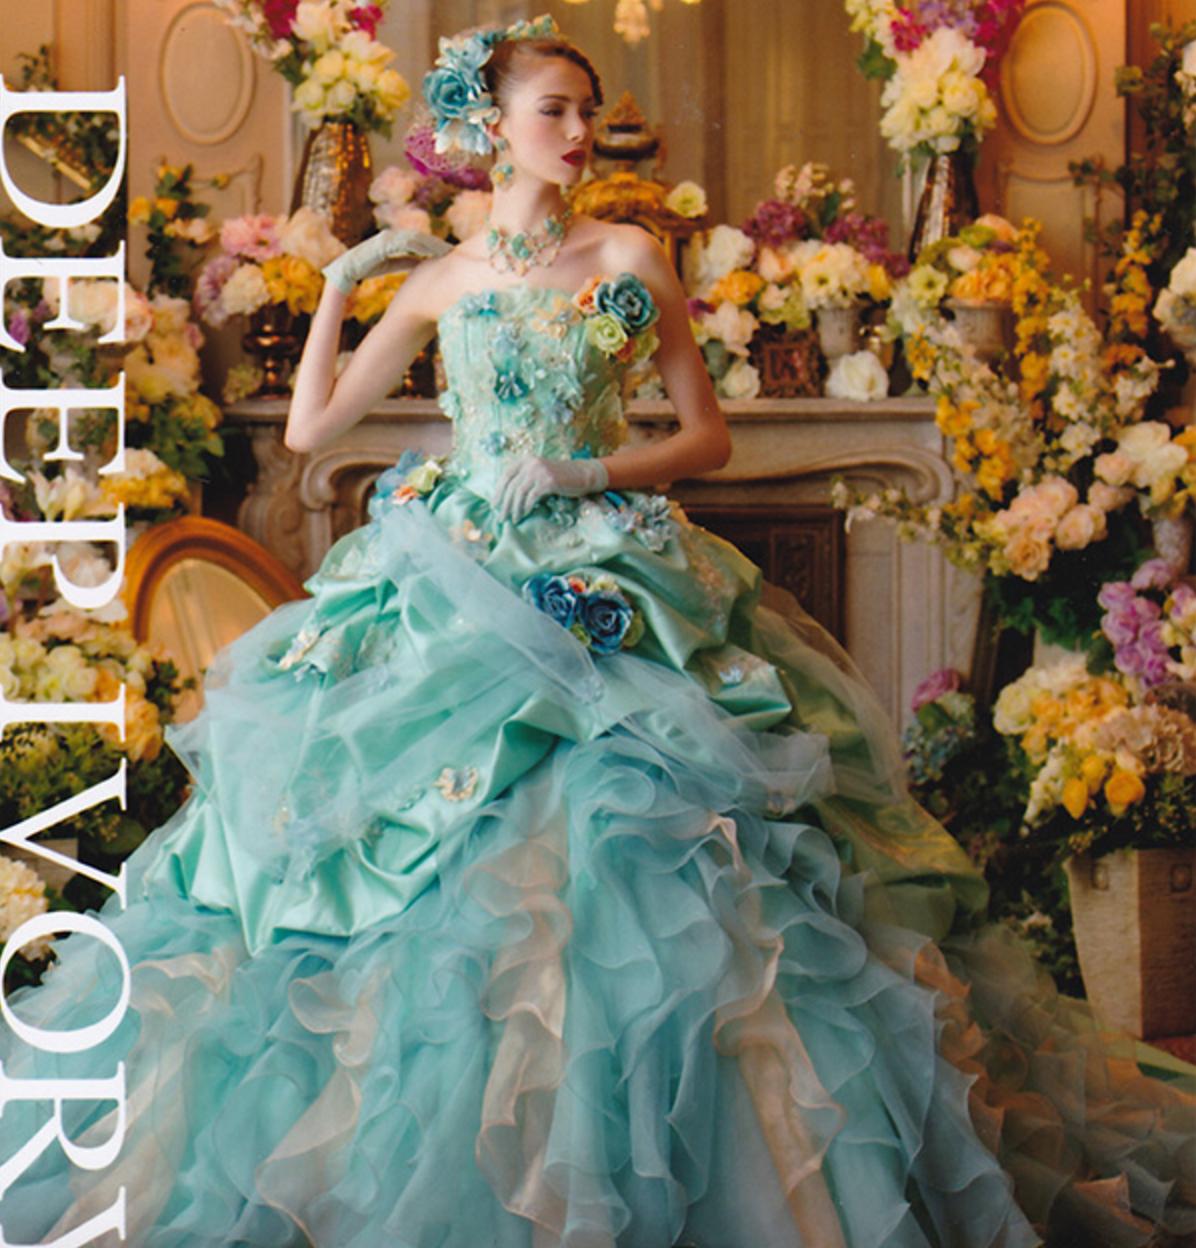 たっぷりドレープとお花のコラボが繊細なドレス